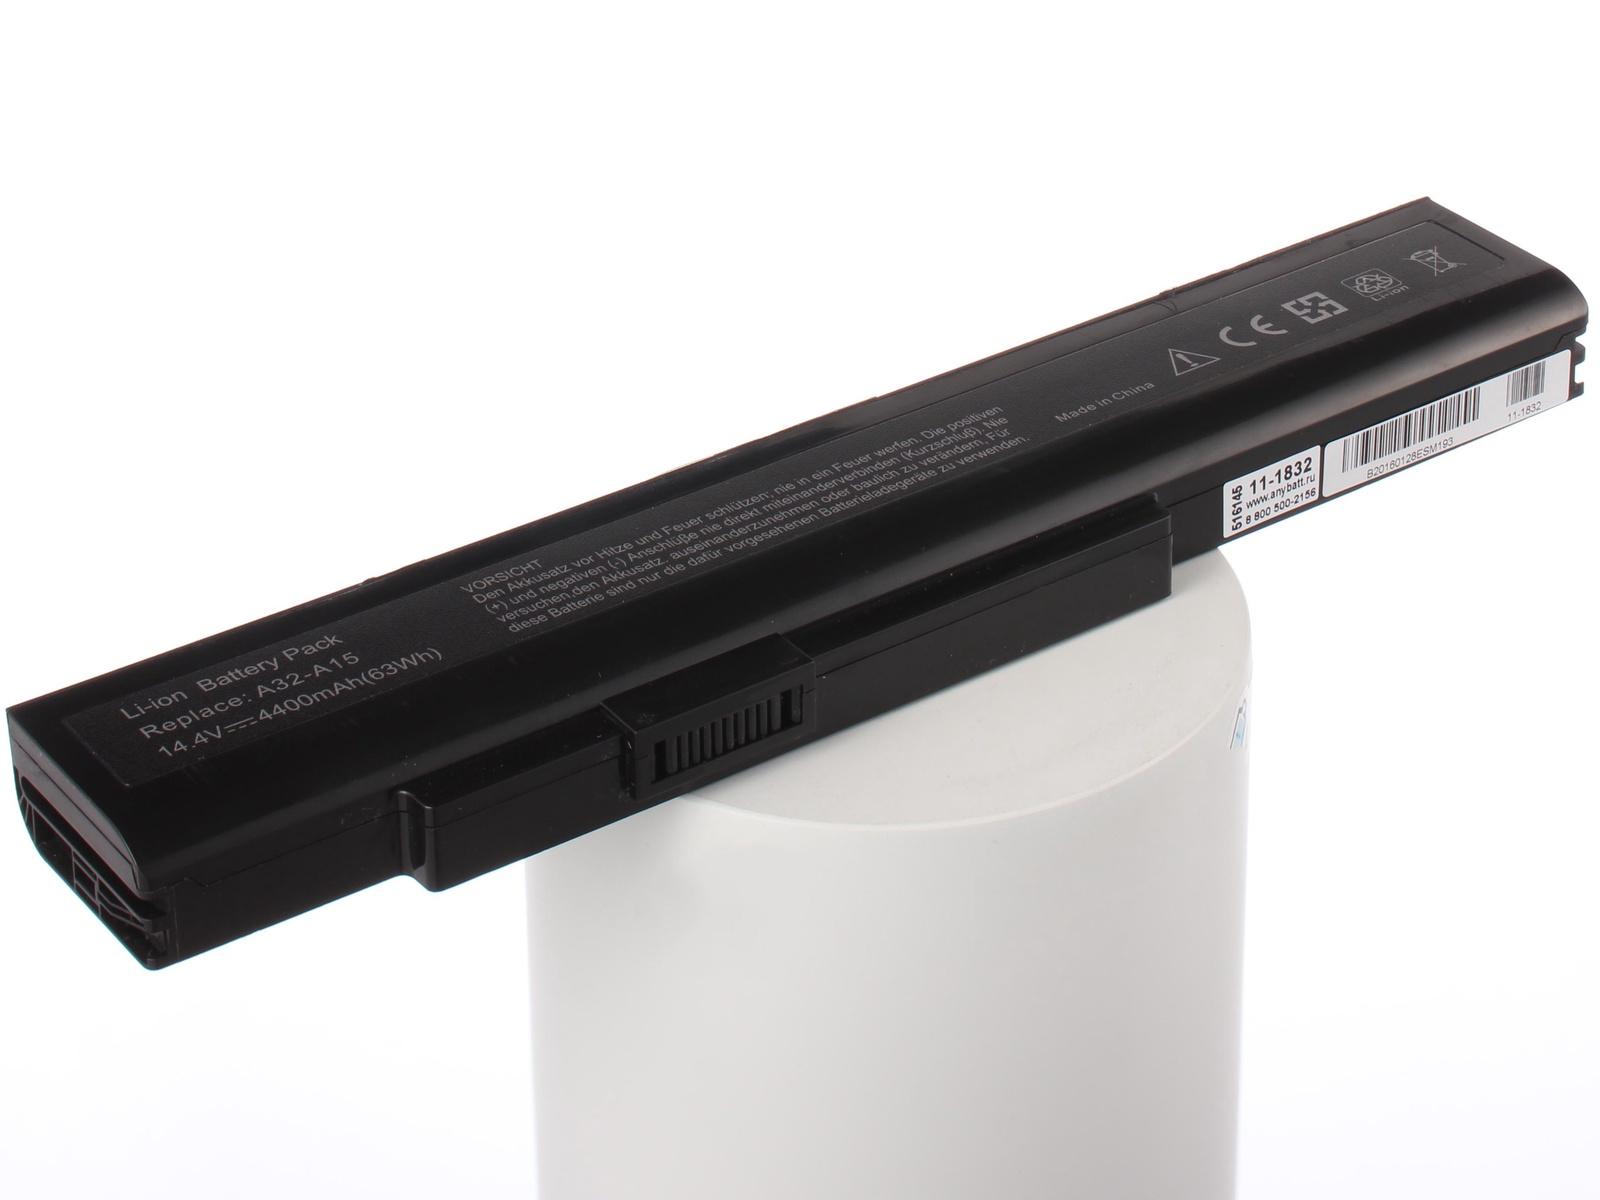 цена на Аккумулятор для ноутбука AnyBatt MSI A32-A15, A42-A15, A41-A15, CS-MD9776NB, A42-H36, iB-A832, 11-1832, FMVNB218, iB-A1420, iB-A1420H, iB-A832H